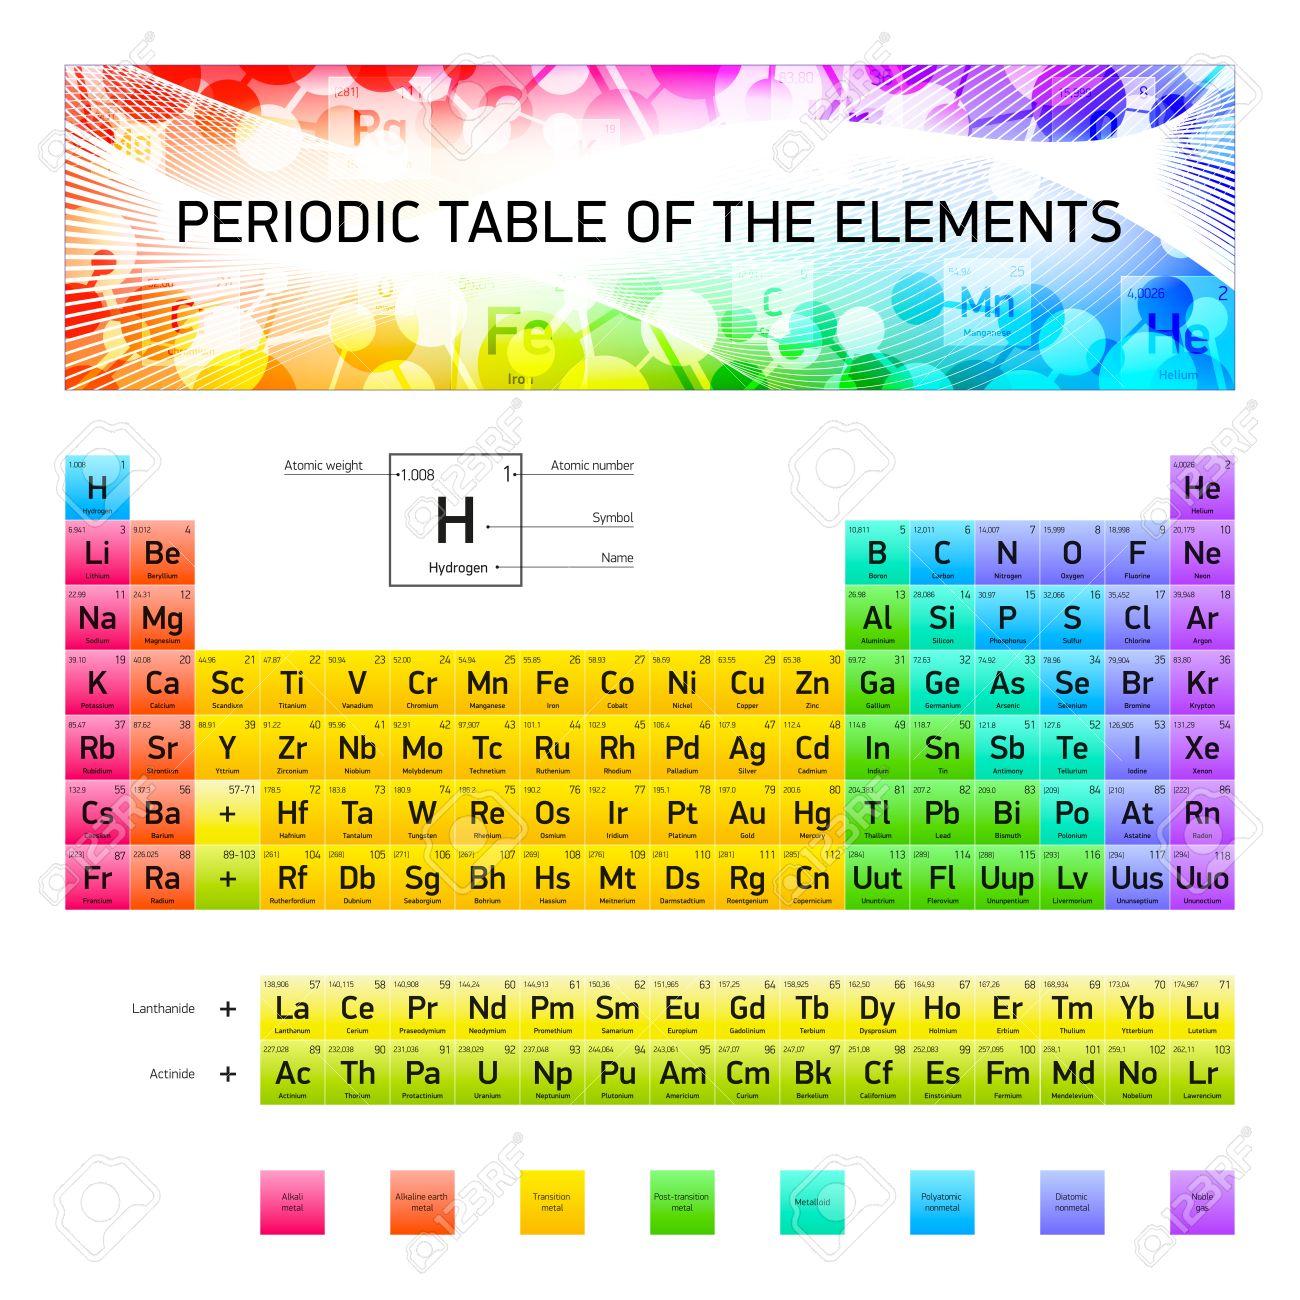 Tabla peridica de los elementos qumicos diseo del vector foto de archivo tabla peridica de los elementos qumicos diseo del vector versin extendida los colores rgb fondo blanco urtaz Image collections